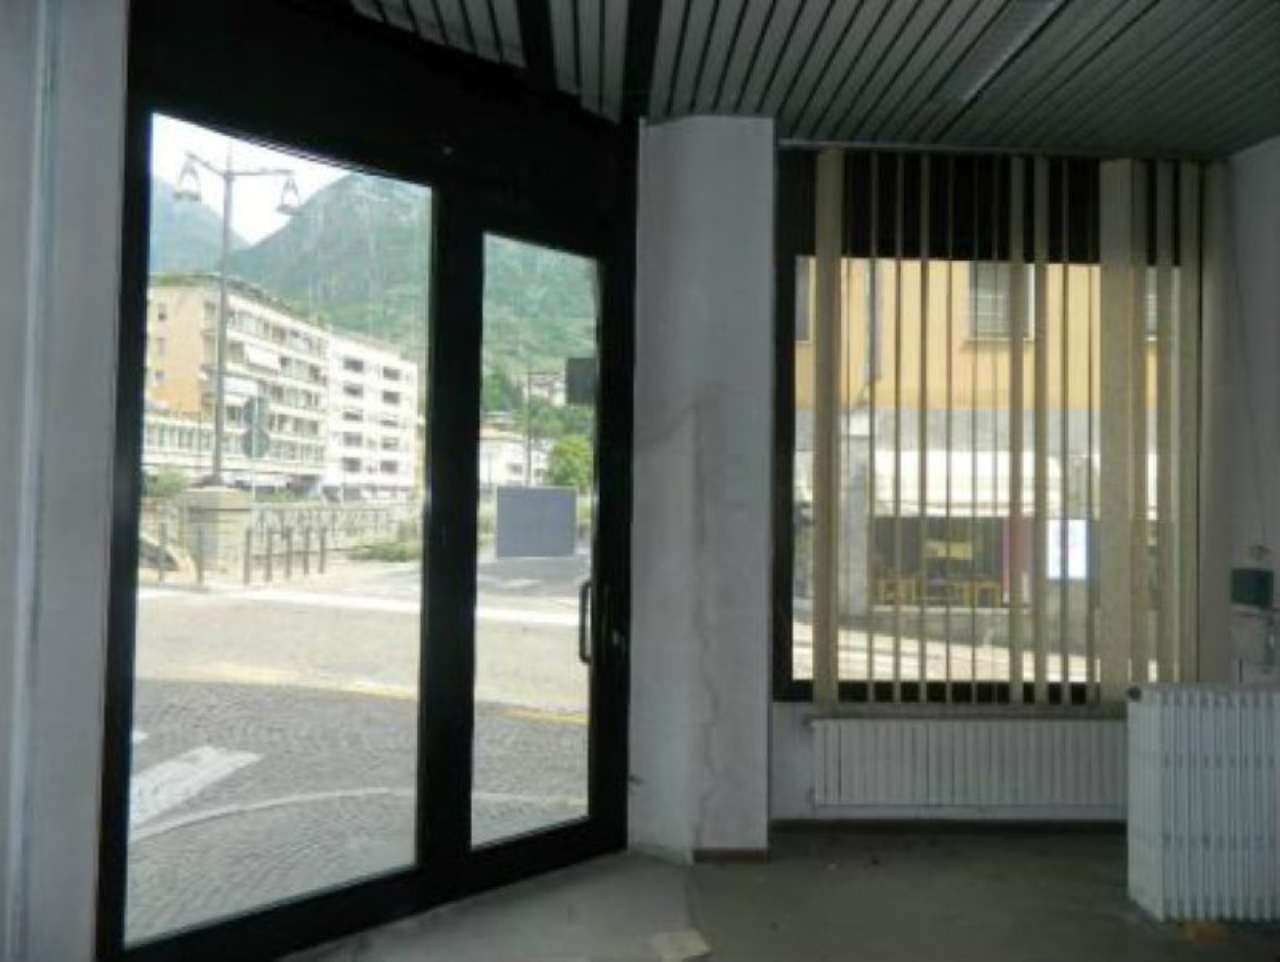 Spazio commerciale di 420 mq. in locazione a Sondrio in via Trento